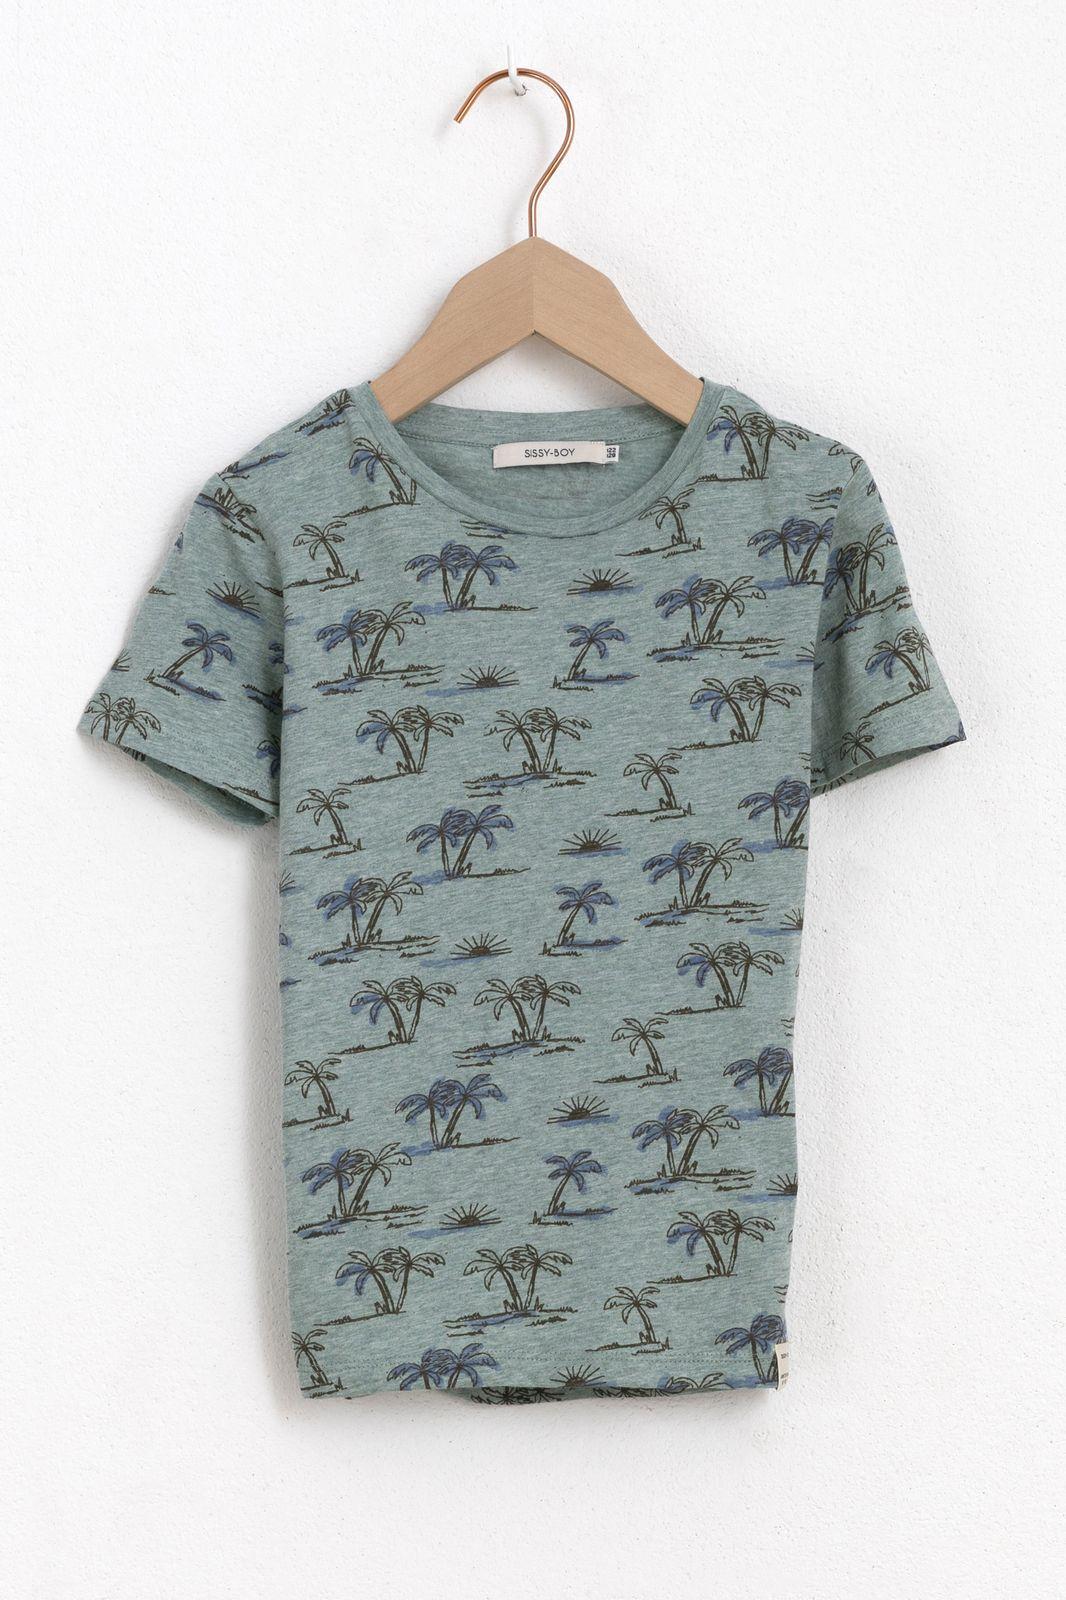 Groen t-shirt met palmbomen